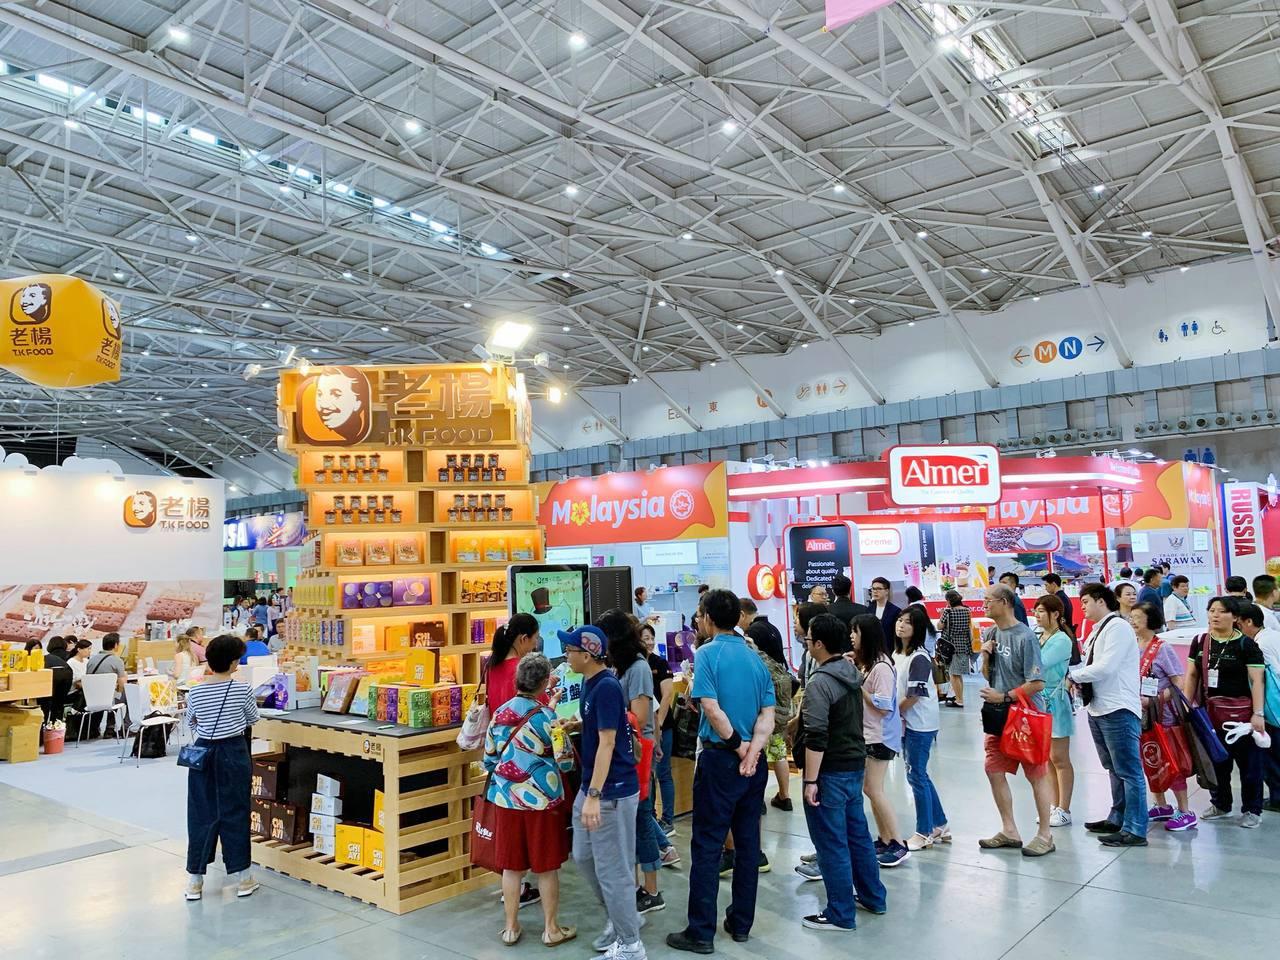 「2019台北國際食品五展」開幕首日人潮較往年稀少。記者徐力剛/攝影